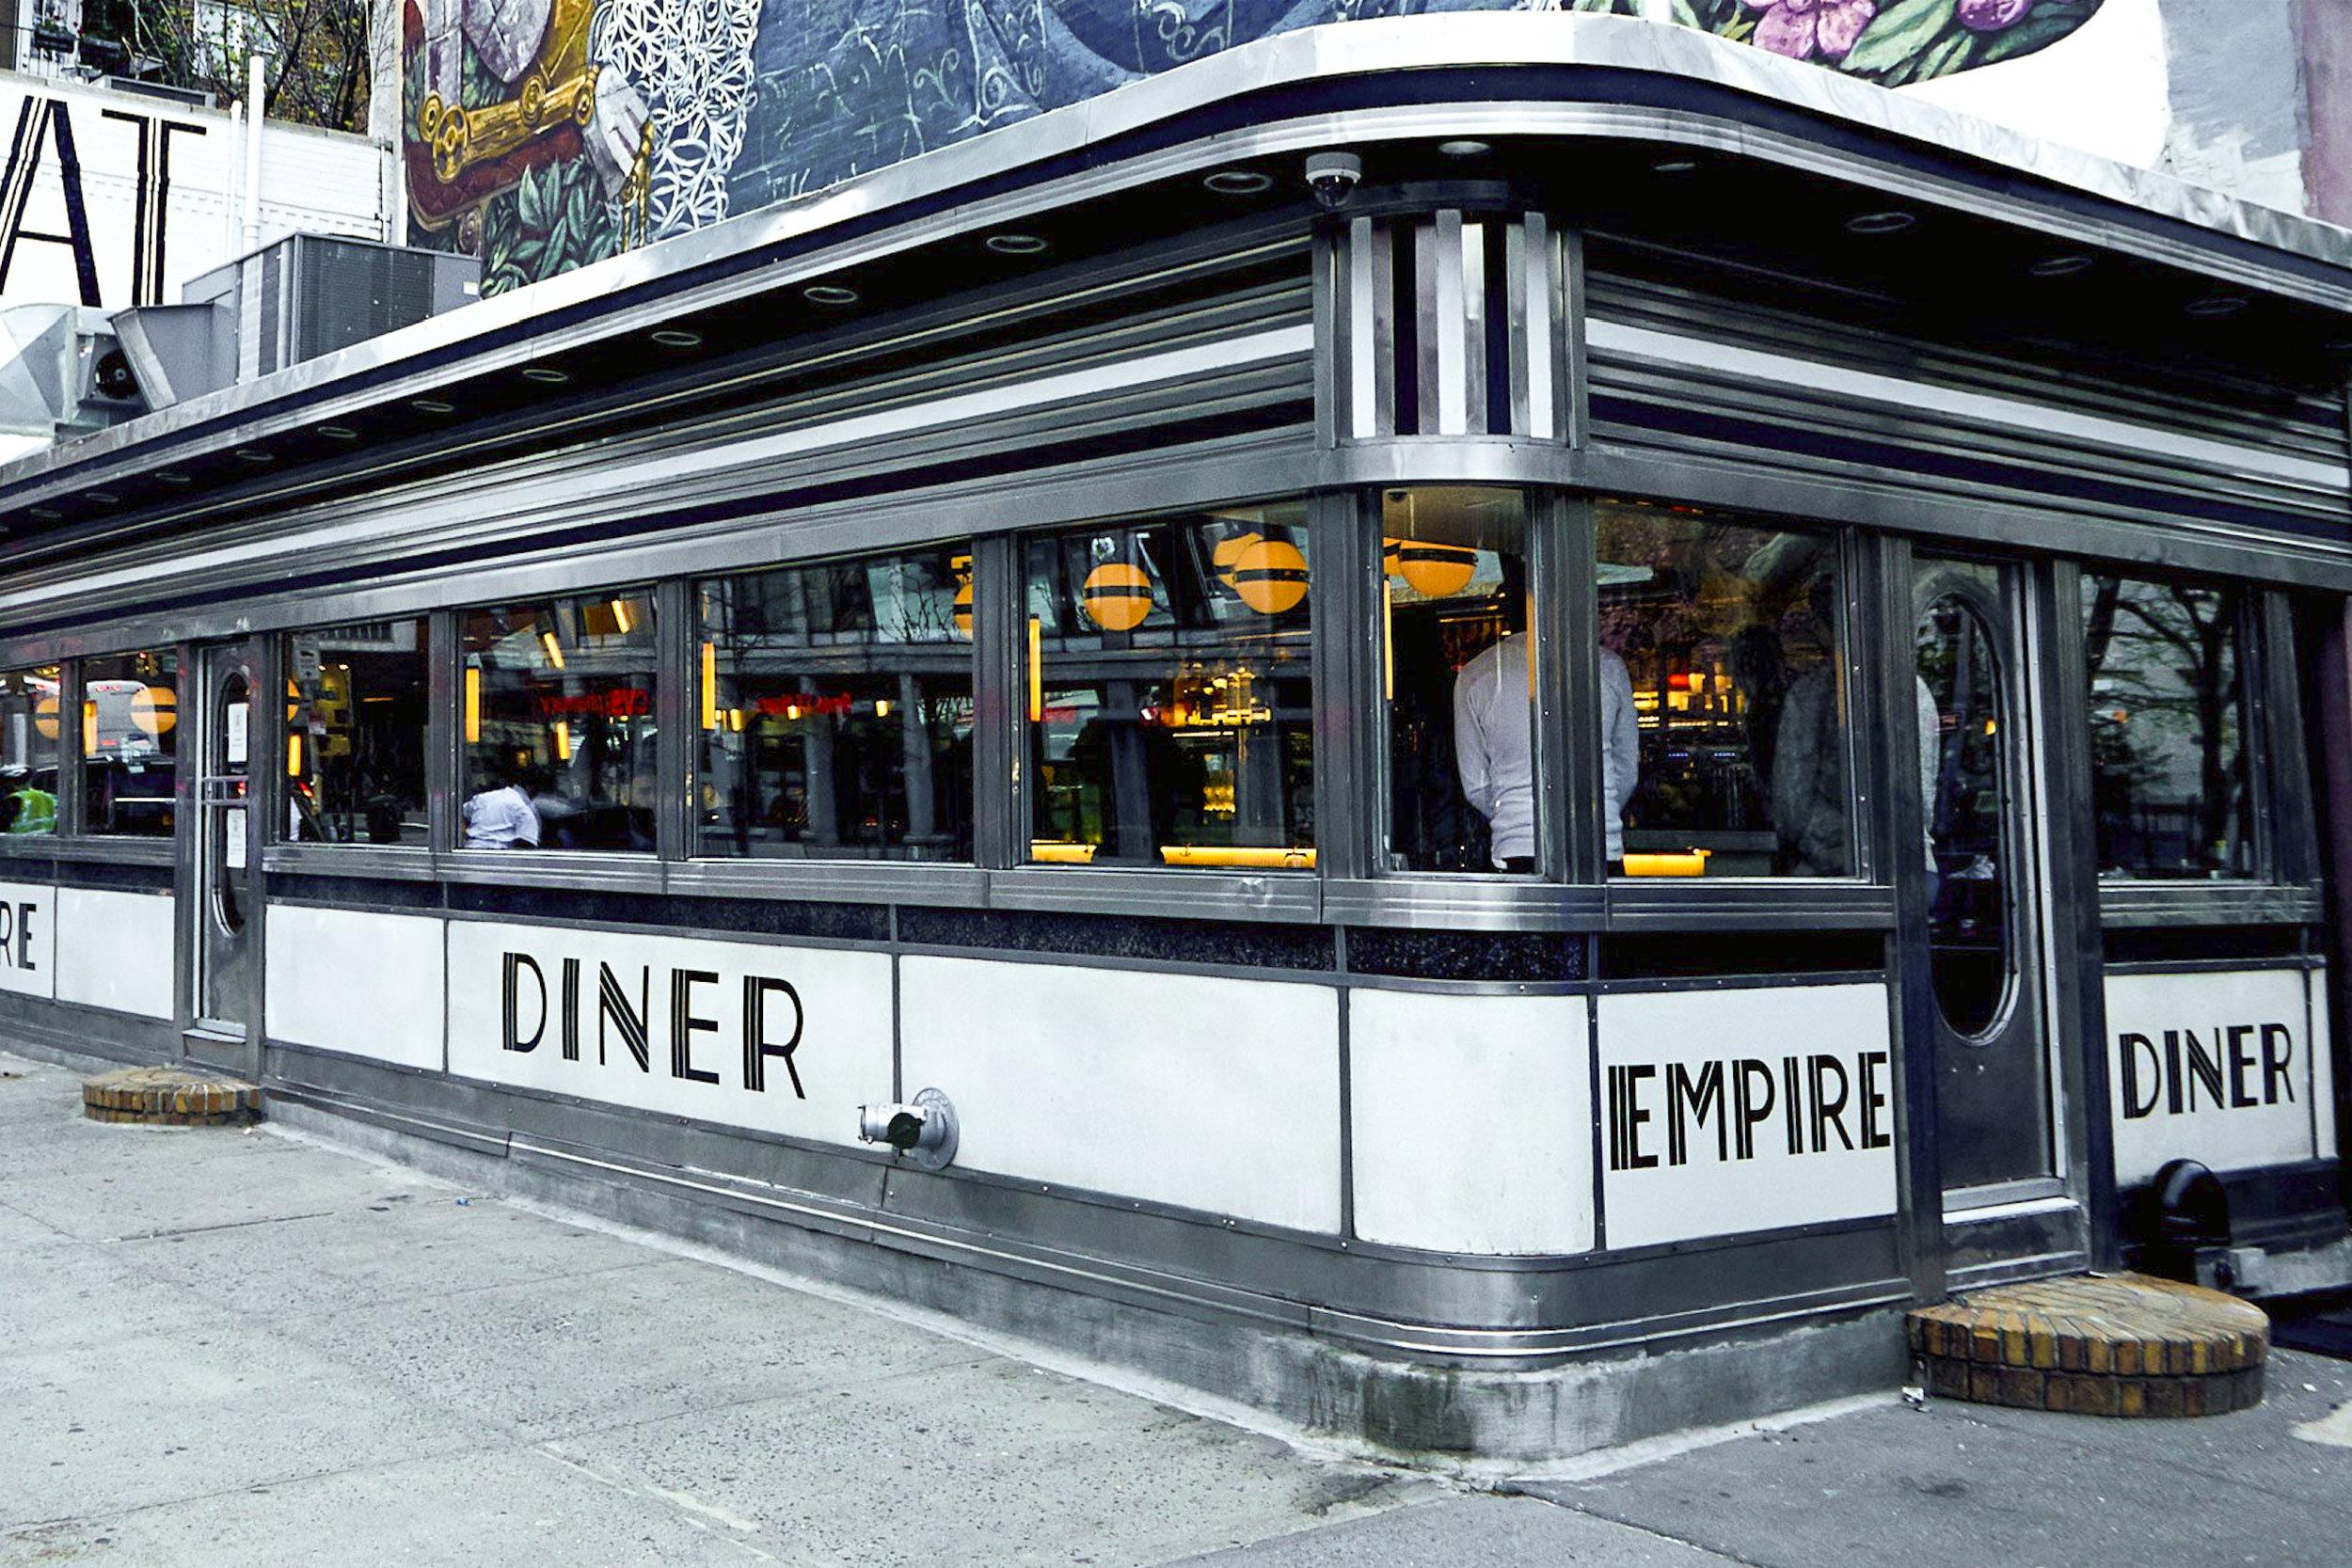 Empire Diner - 210 10th Ave, New York, NY 10011